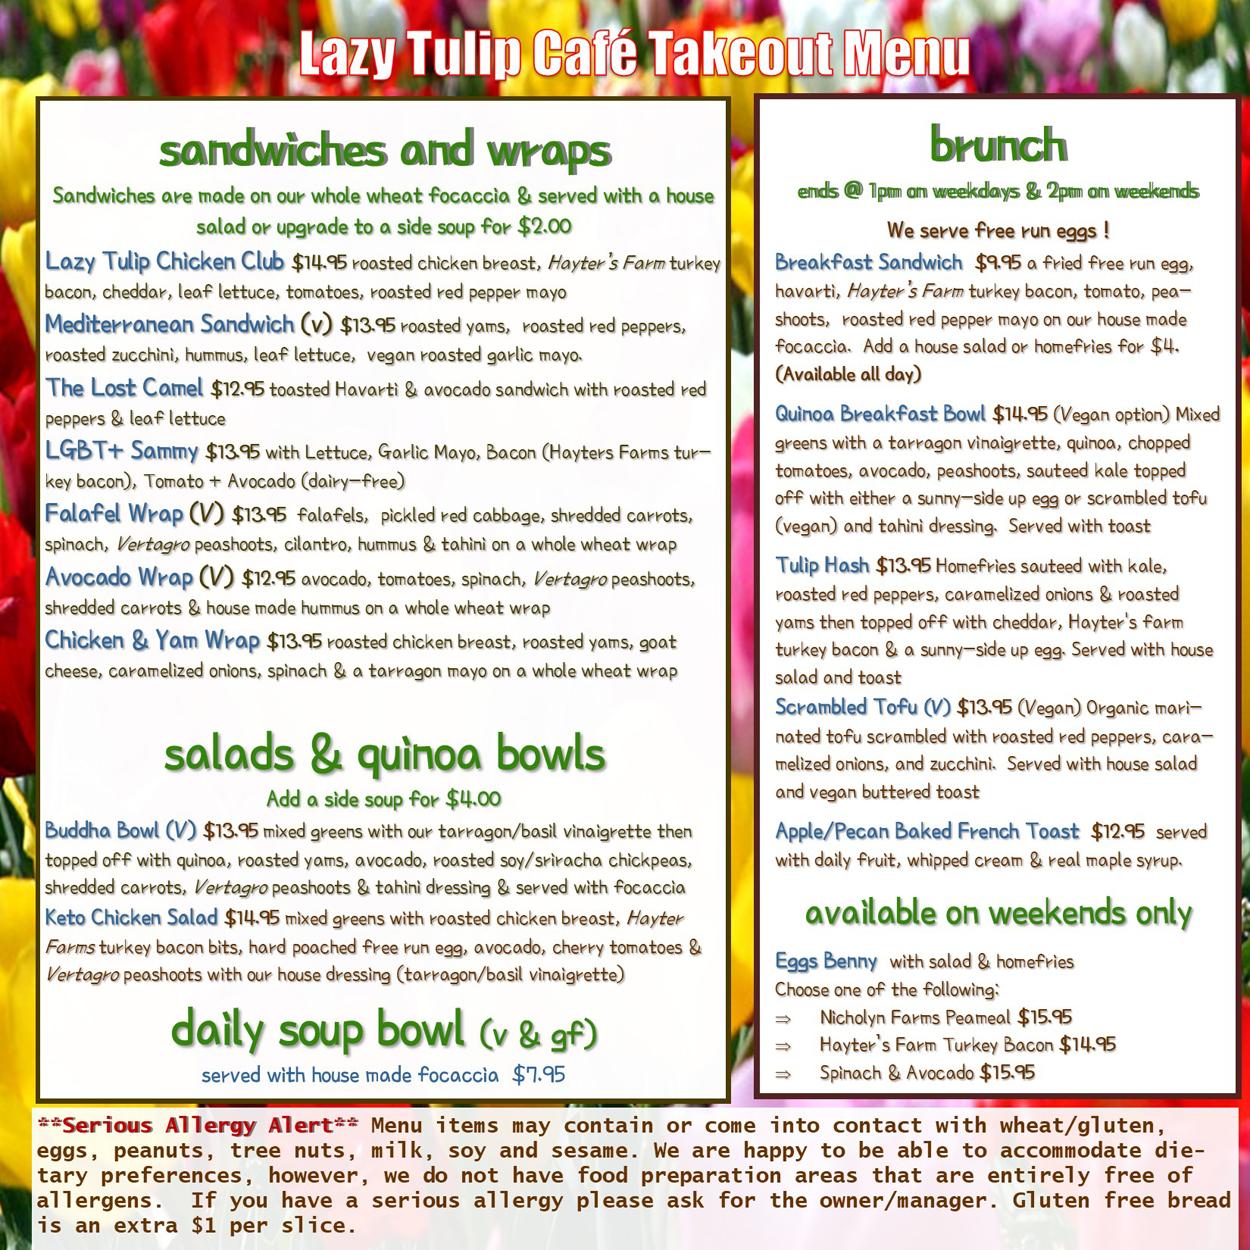 Lazy Tulip Cafe takeout menu